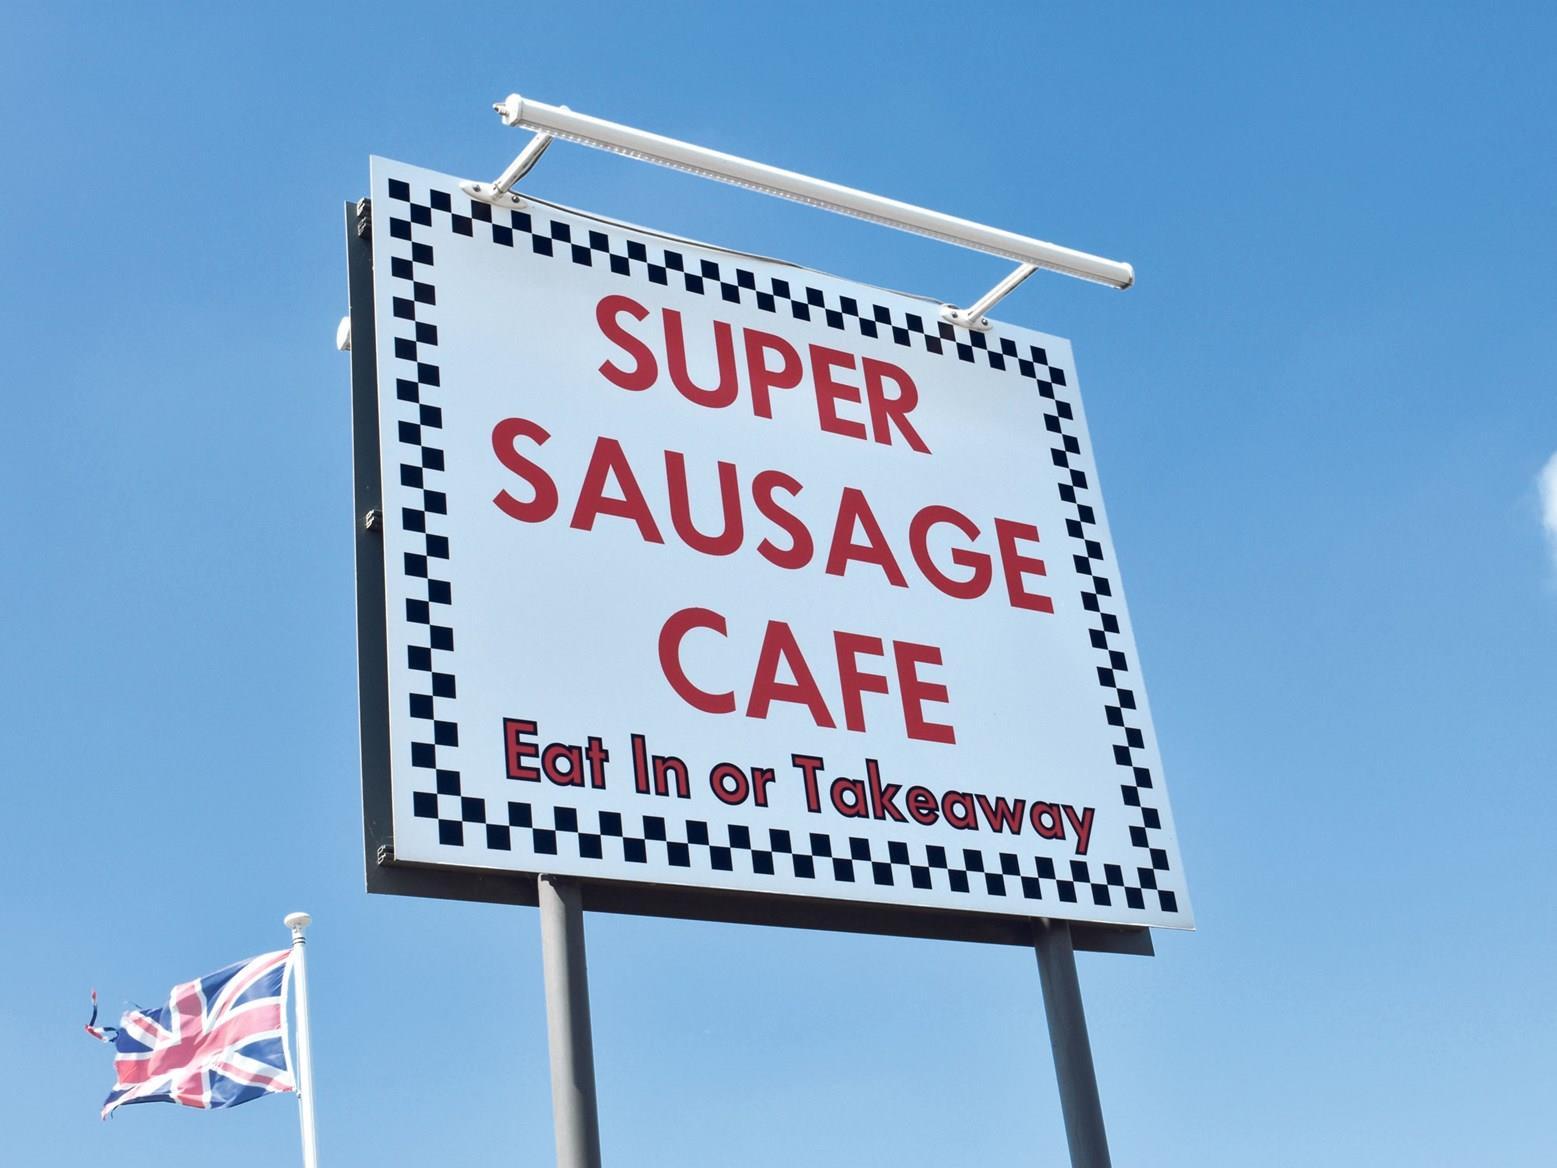 Super Sausage Cafe sign